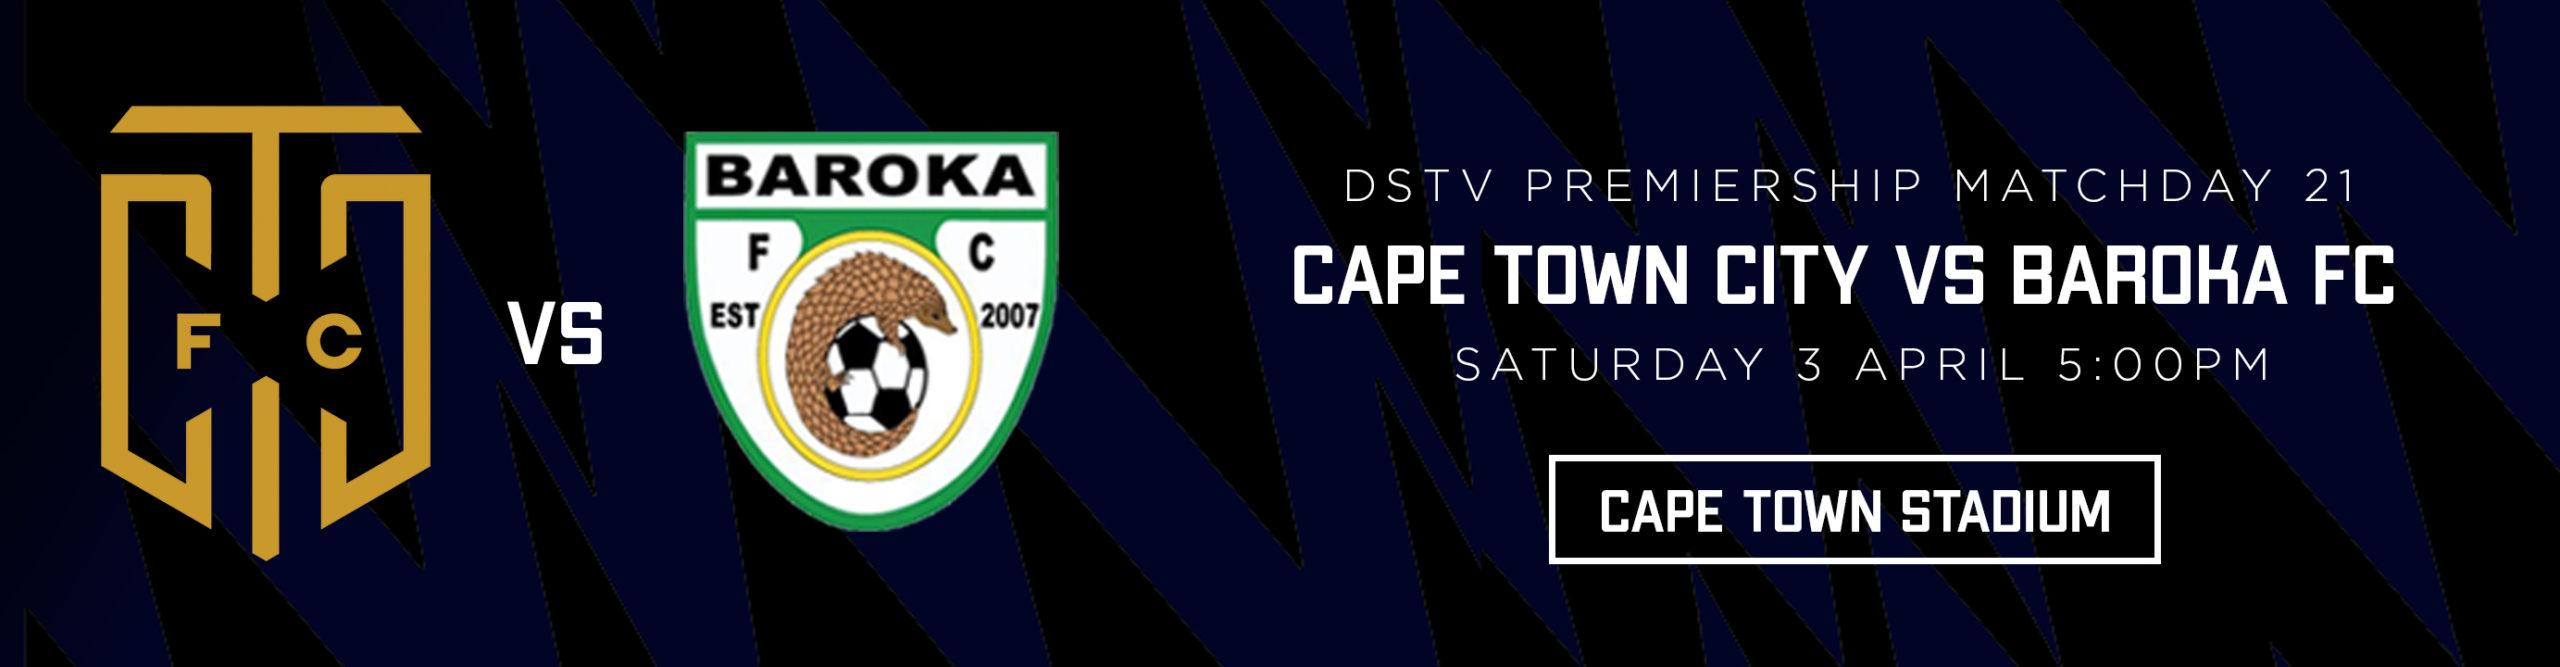 CAPE TOWN CITY VS BAROKA FC